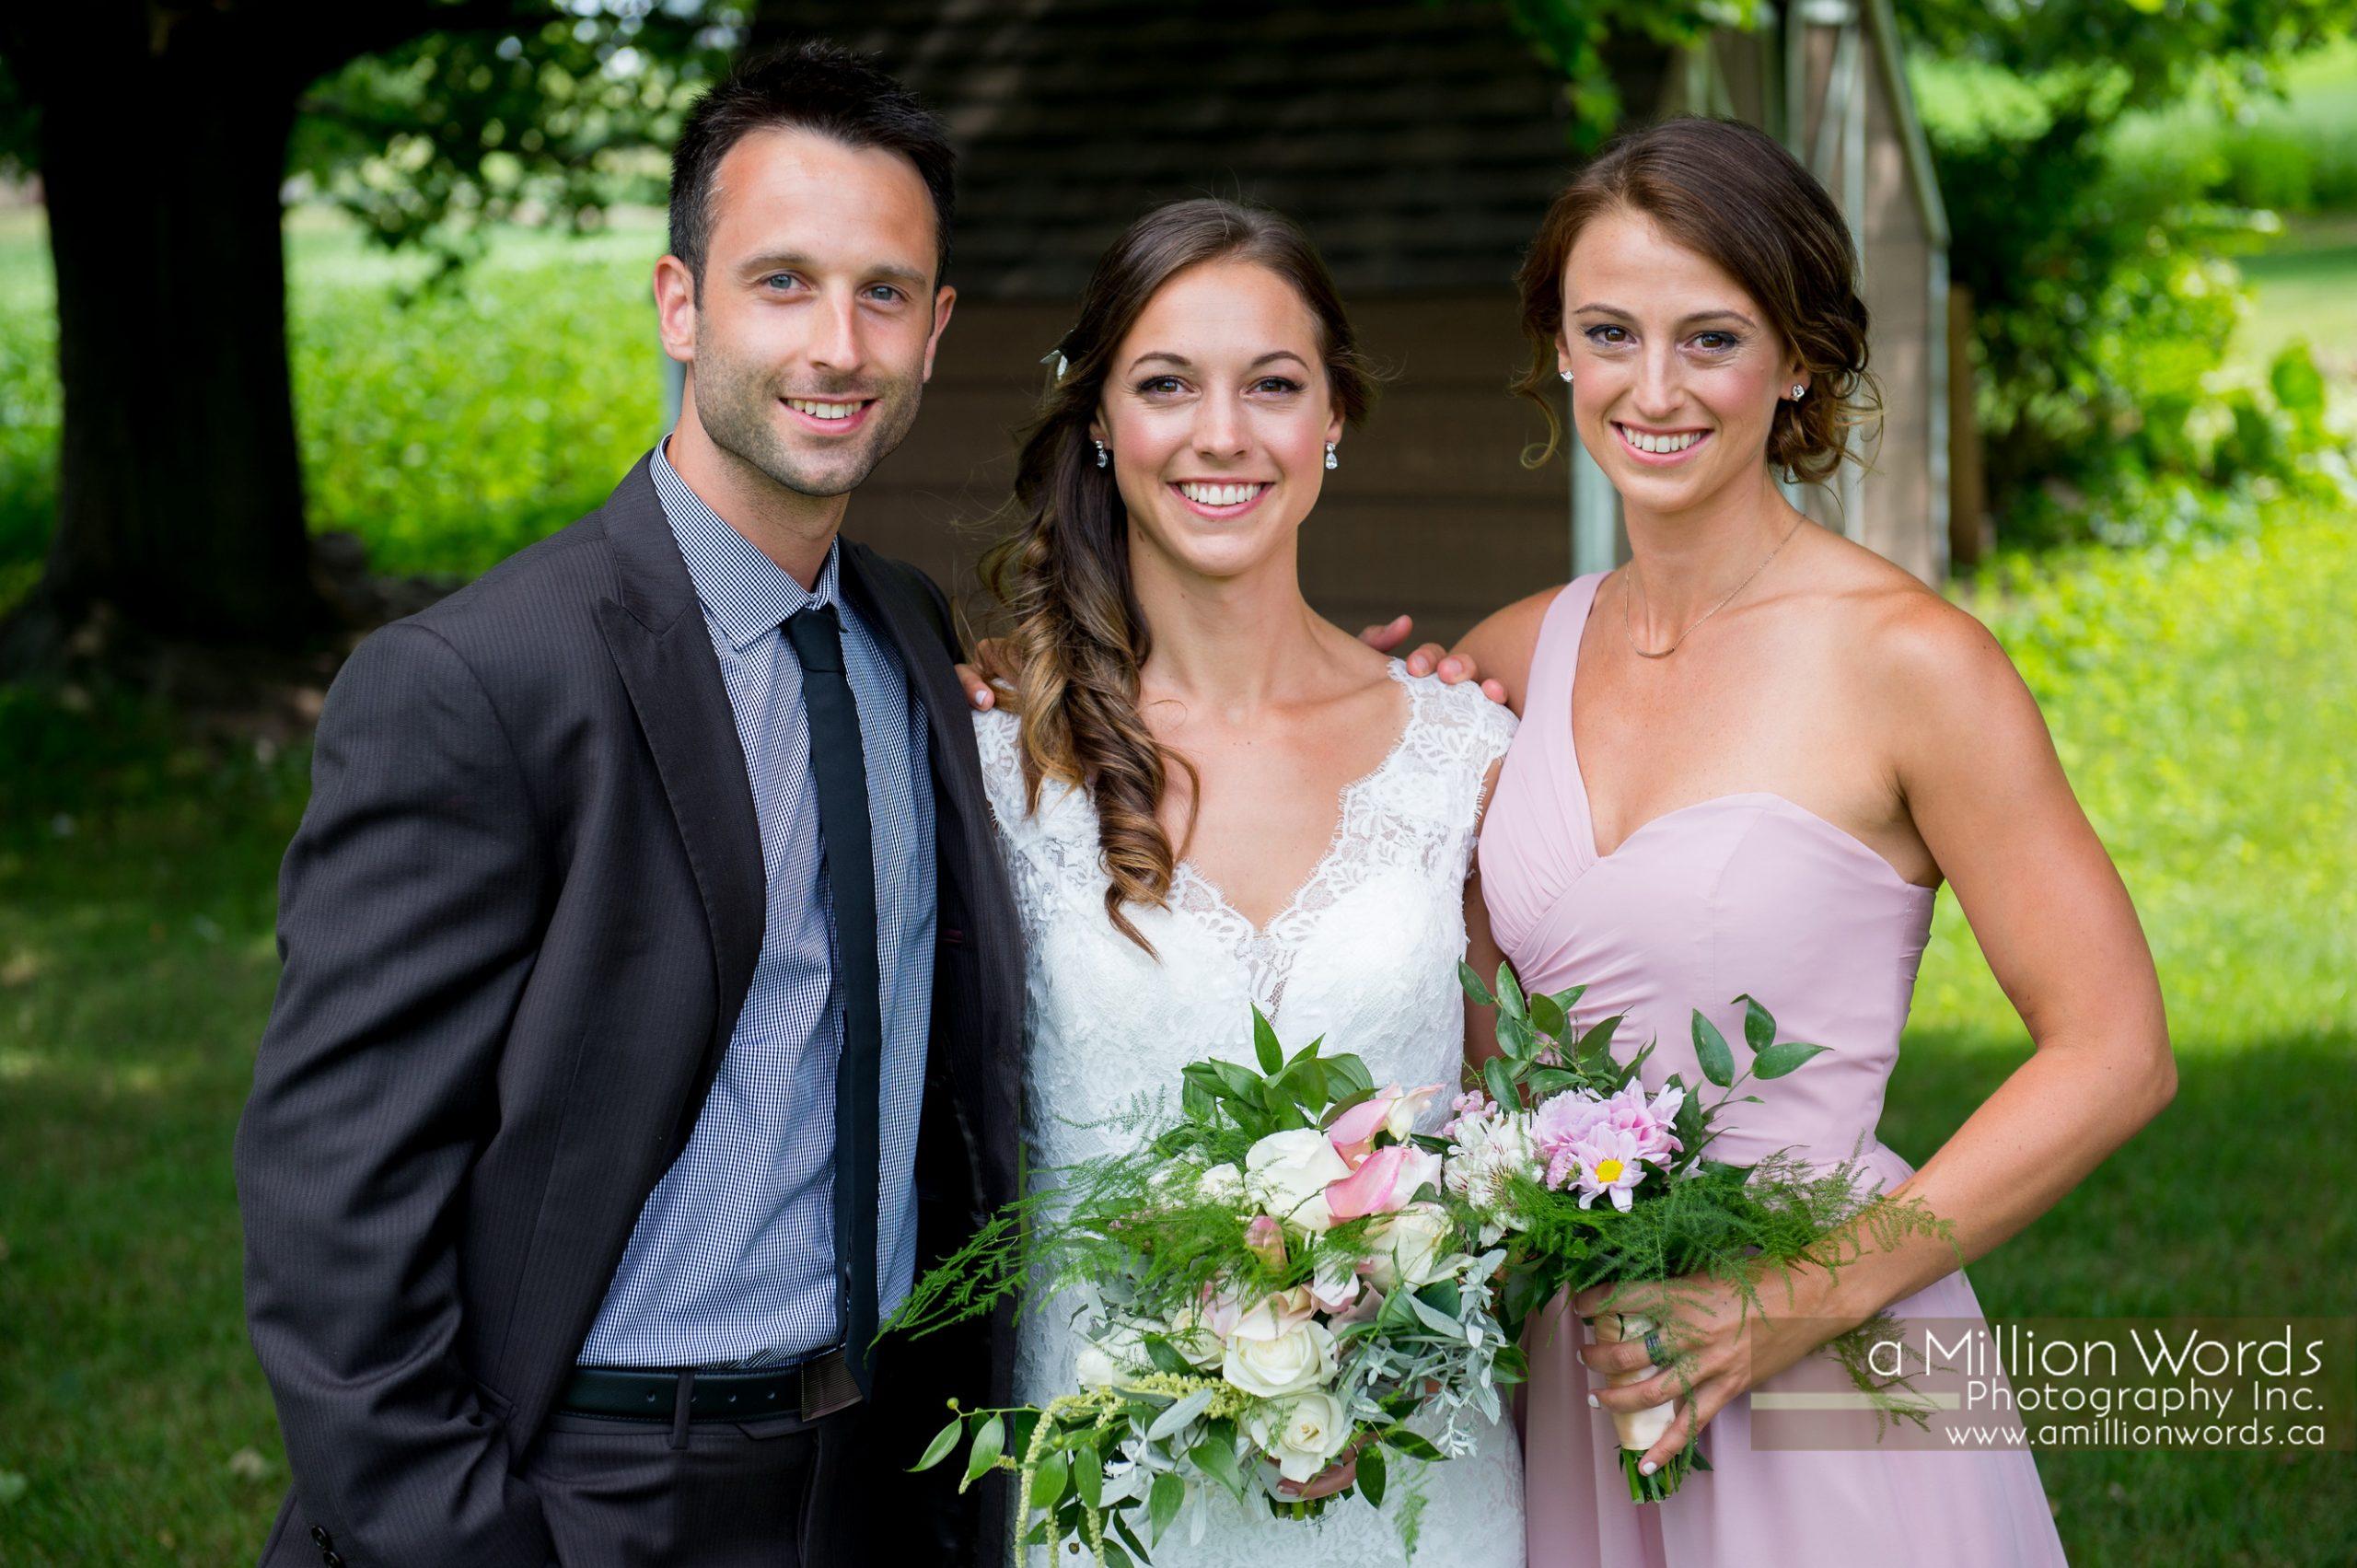 kw_wedding_photography21